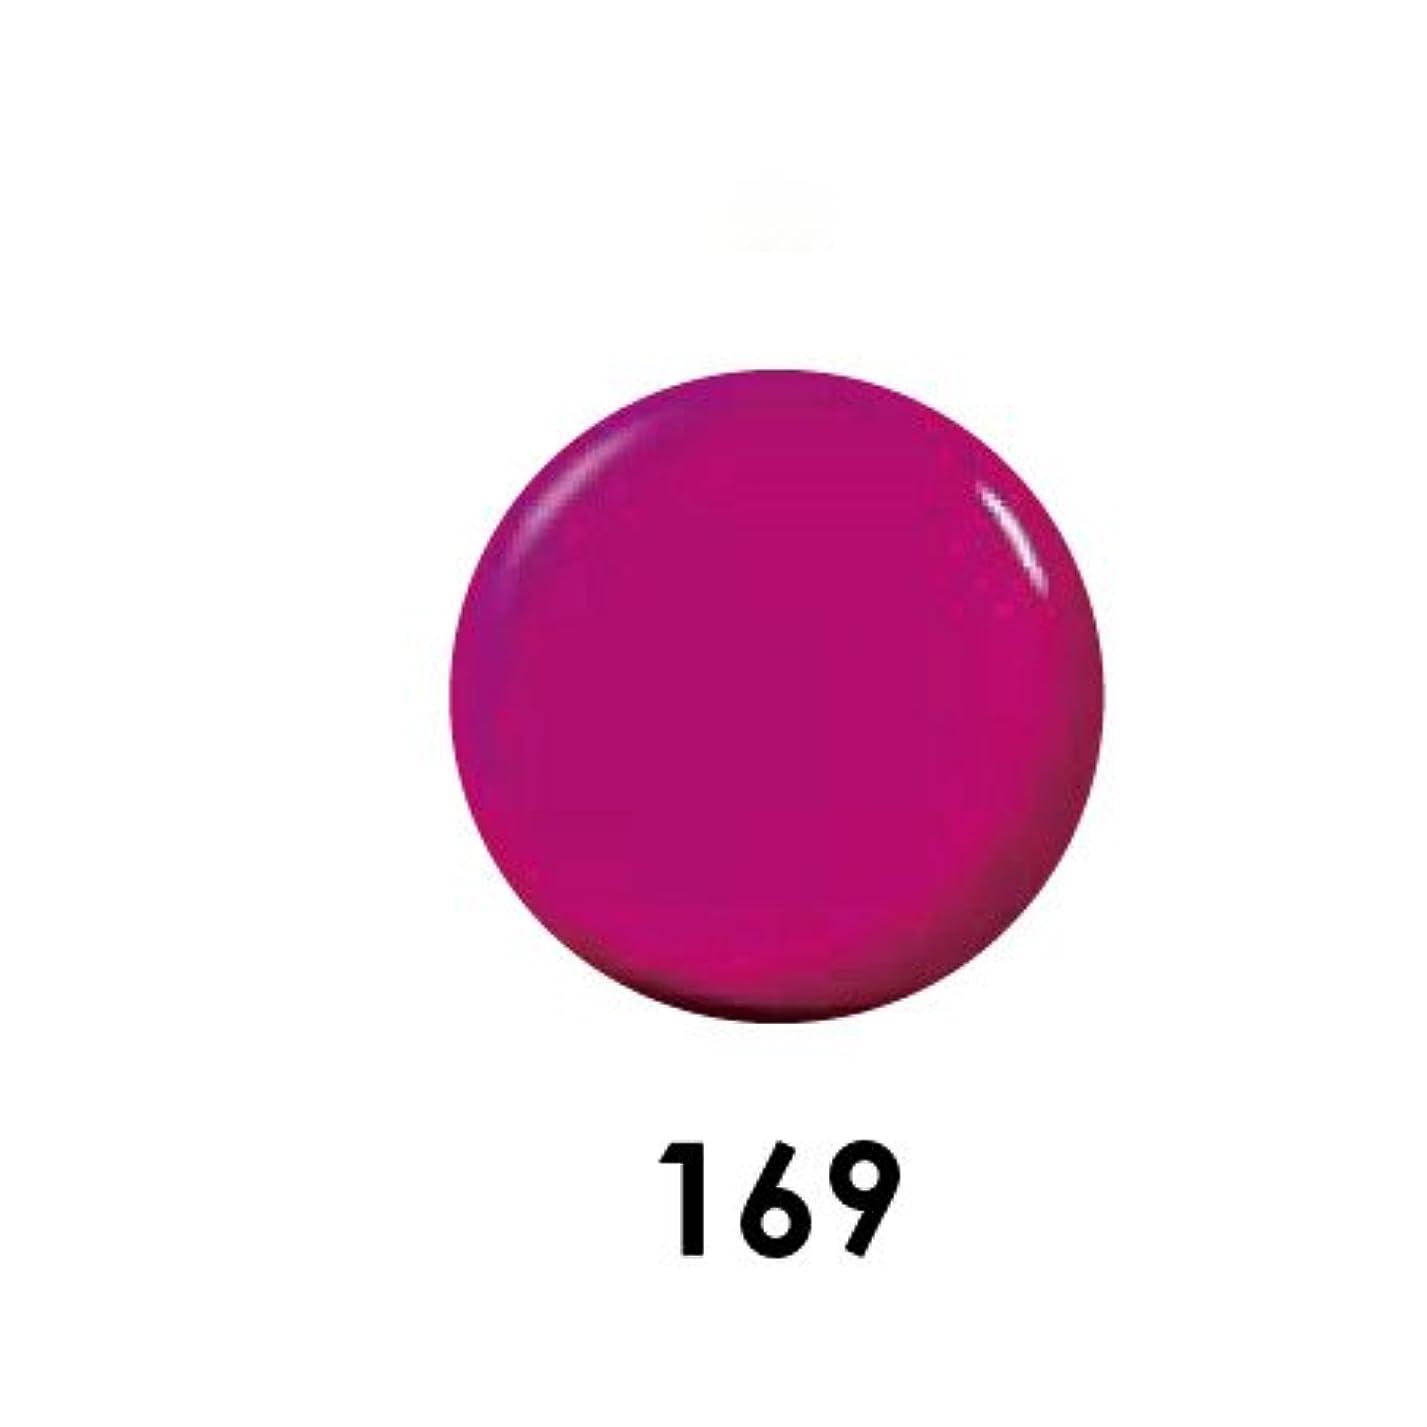 ミュートインタネットを見るどこにでもPutiel プティール カラージェル 169 ラテンピンク 2g (MARIEプロデュース)